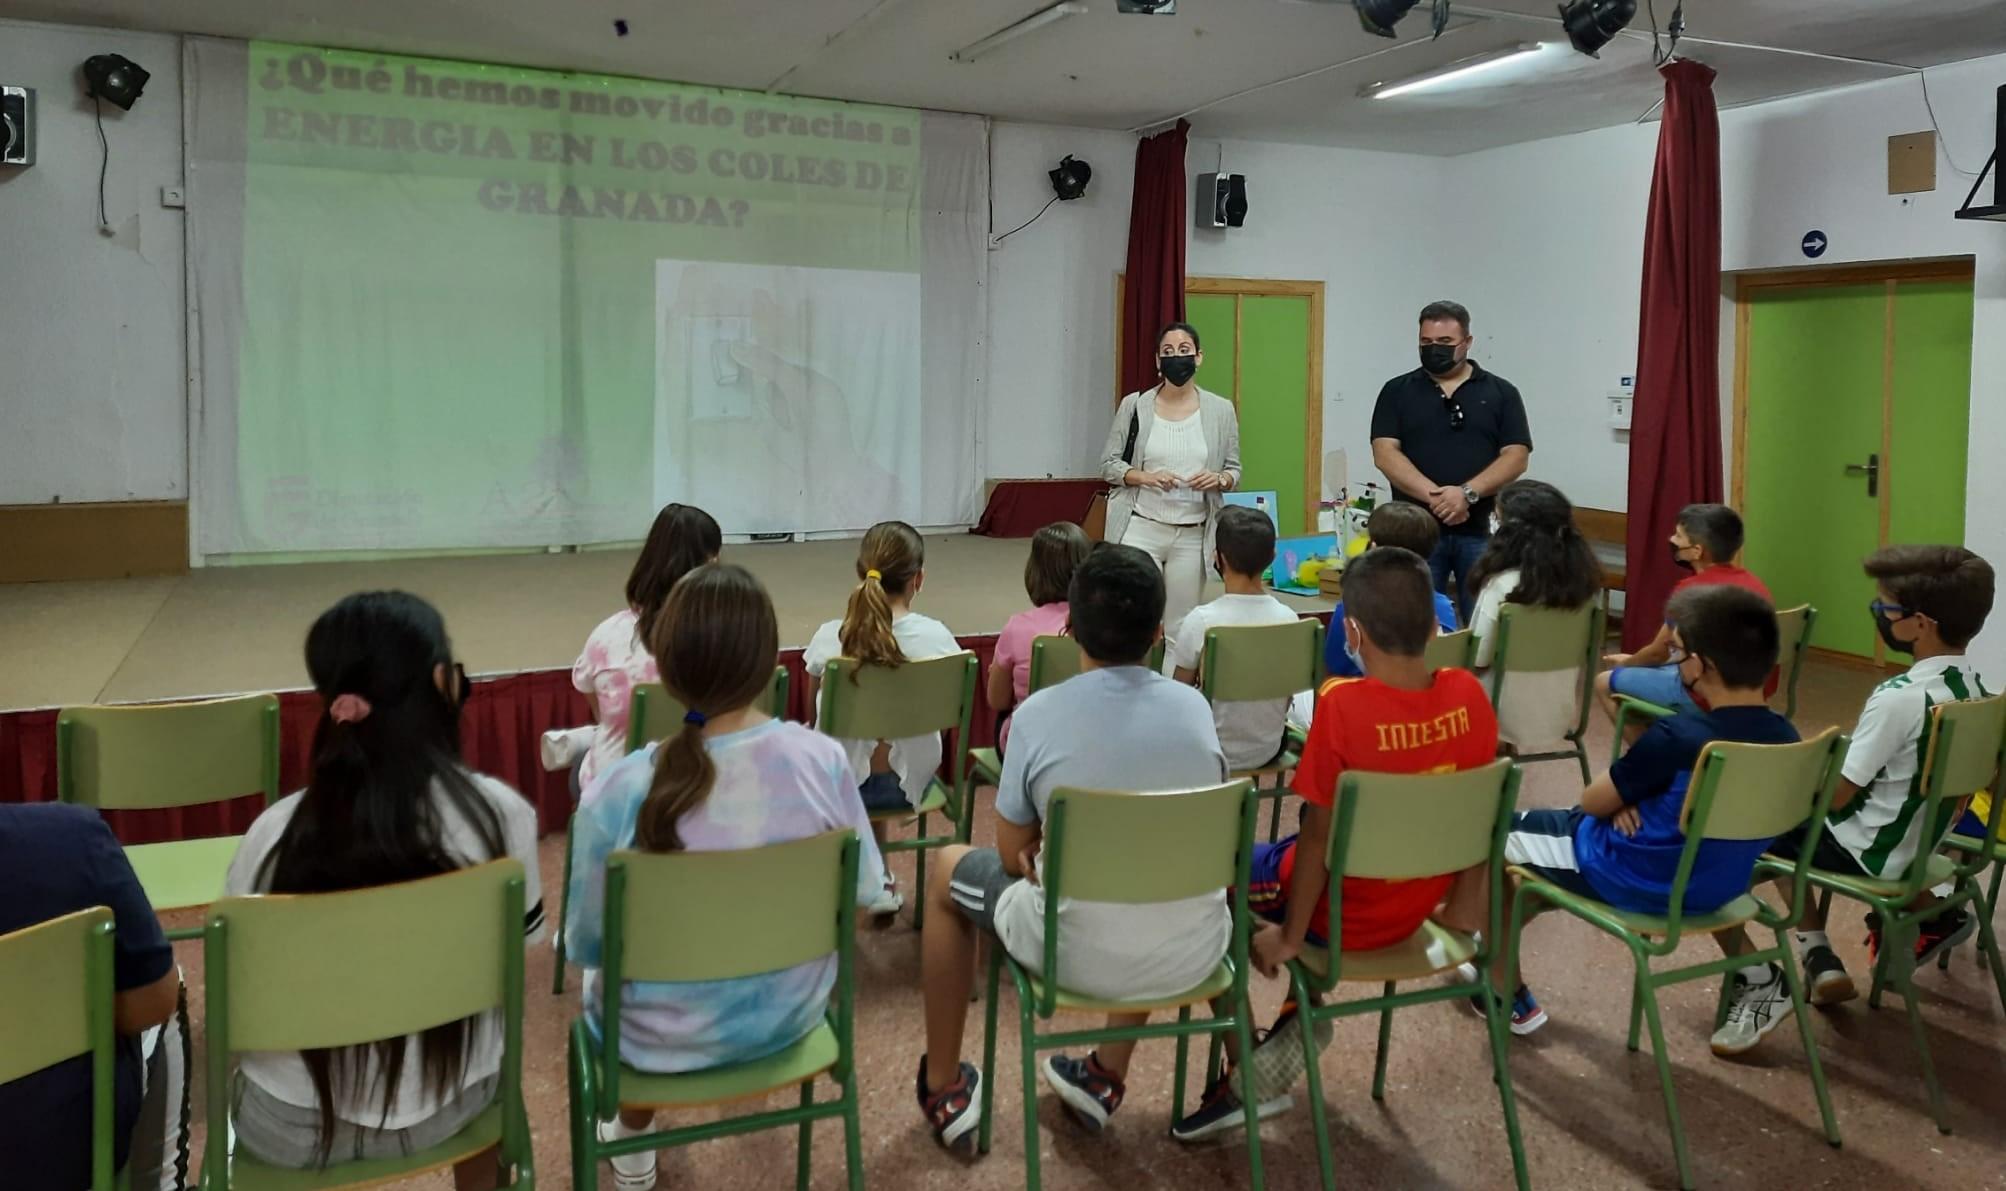 """10 colegios de la provincia celebran los resultados obtenidos en el programa """"Energía en los Coles de Granada"""""""